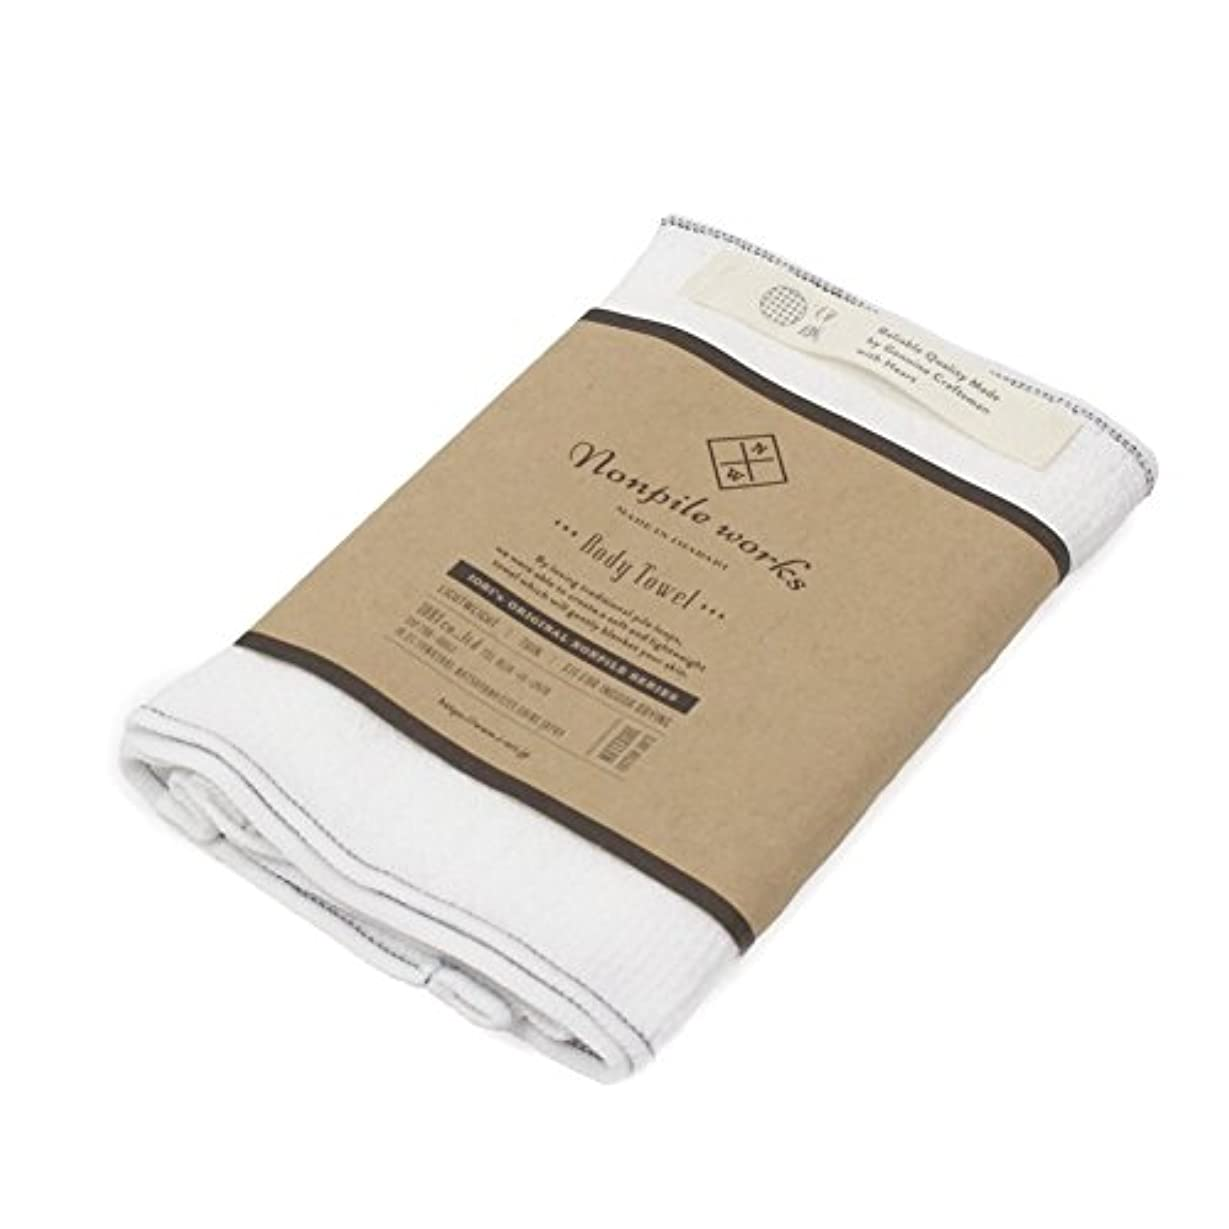 暗いアーティスト六今治産 ボディタオル 16x85cm nonpile works Body Towel 伊織 (ホワイト)